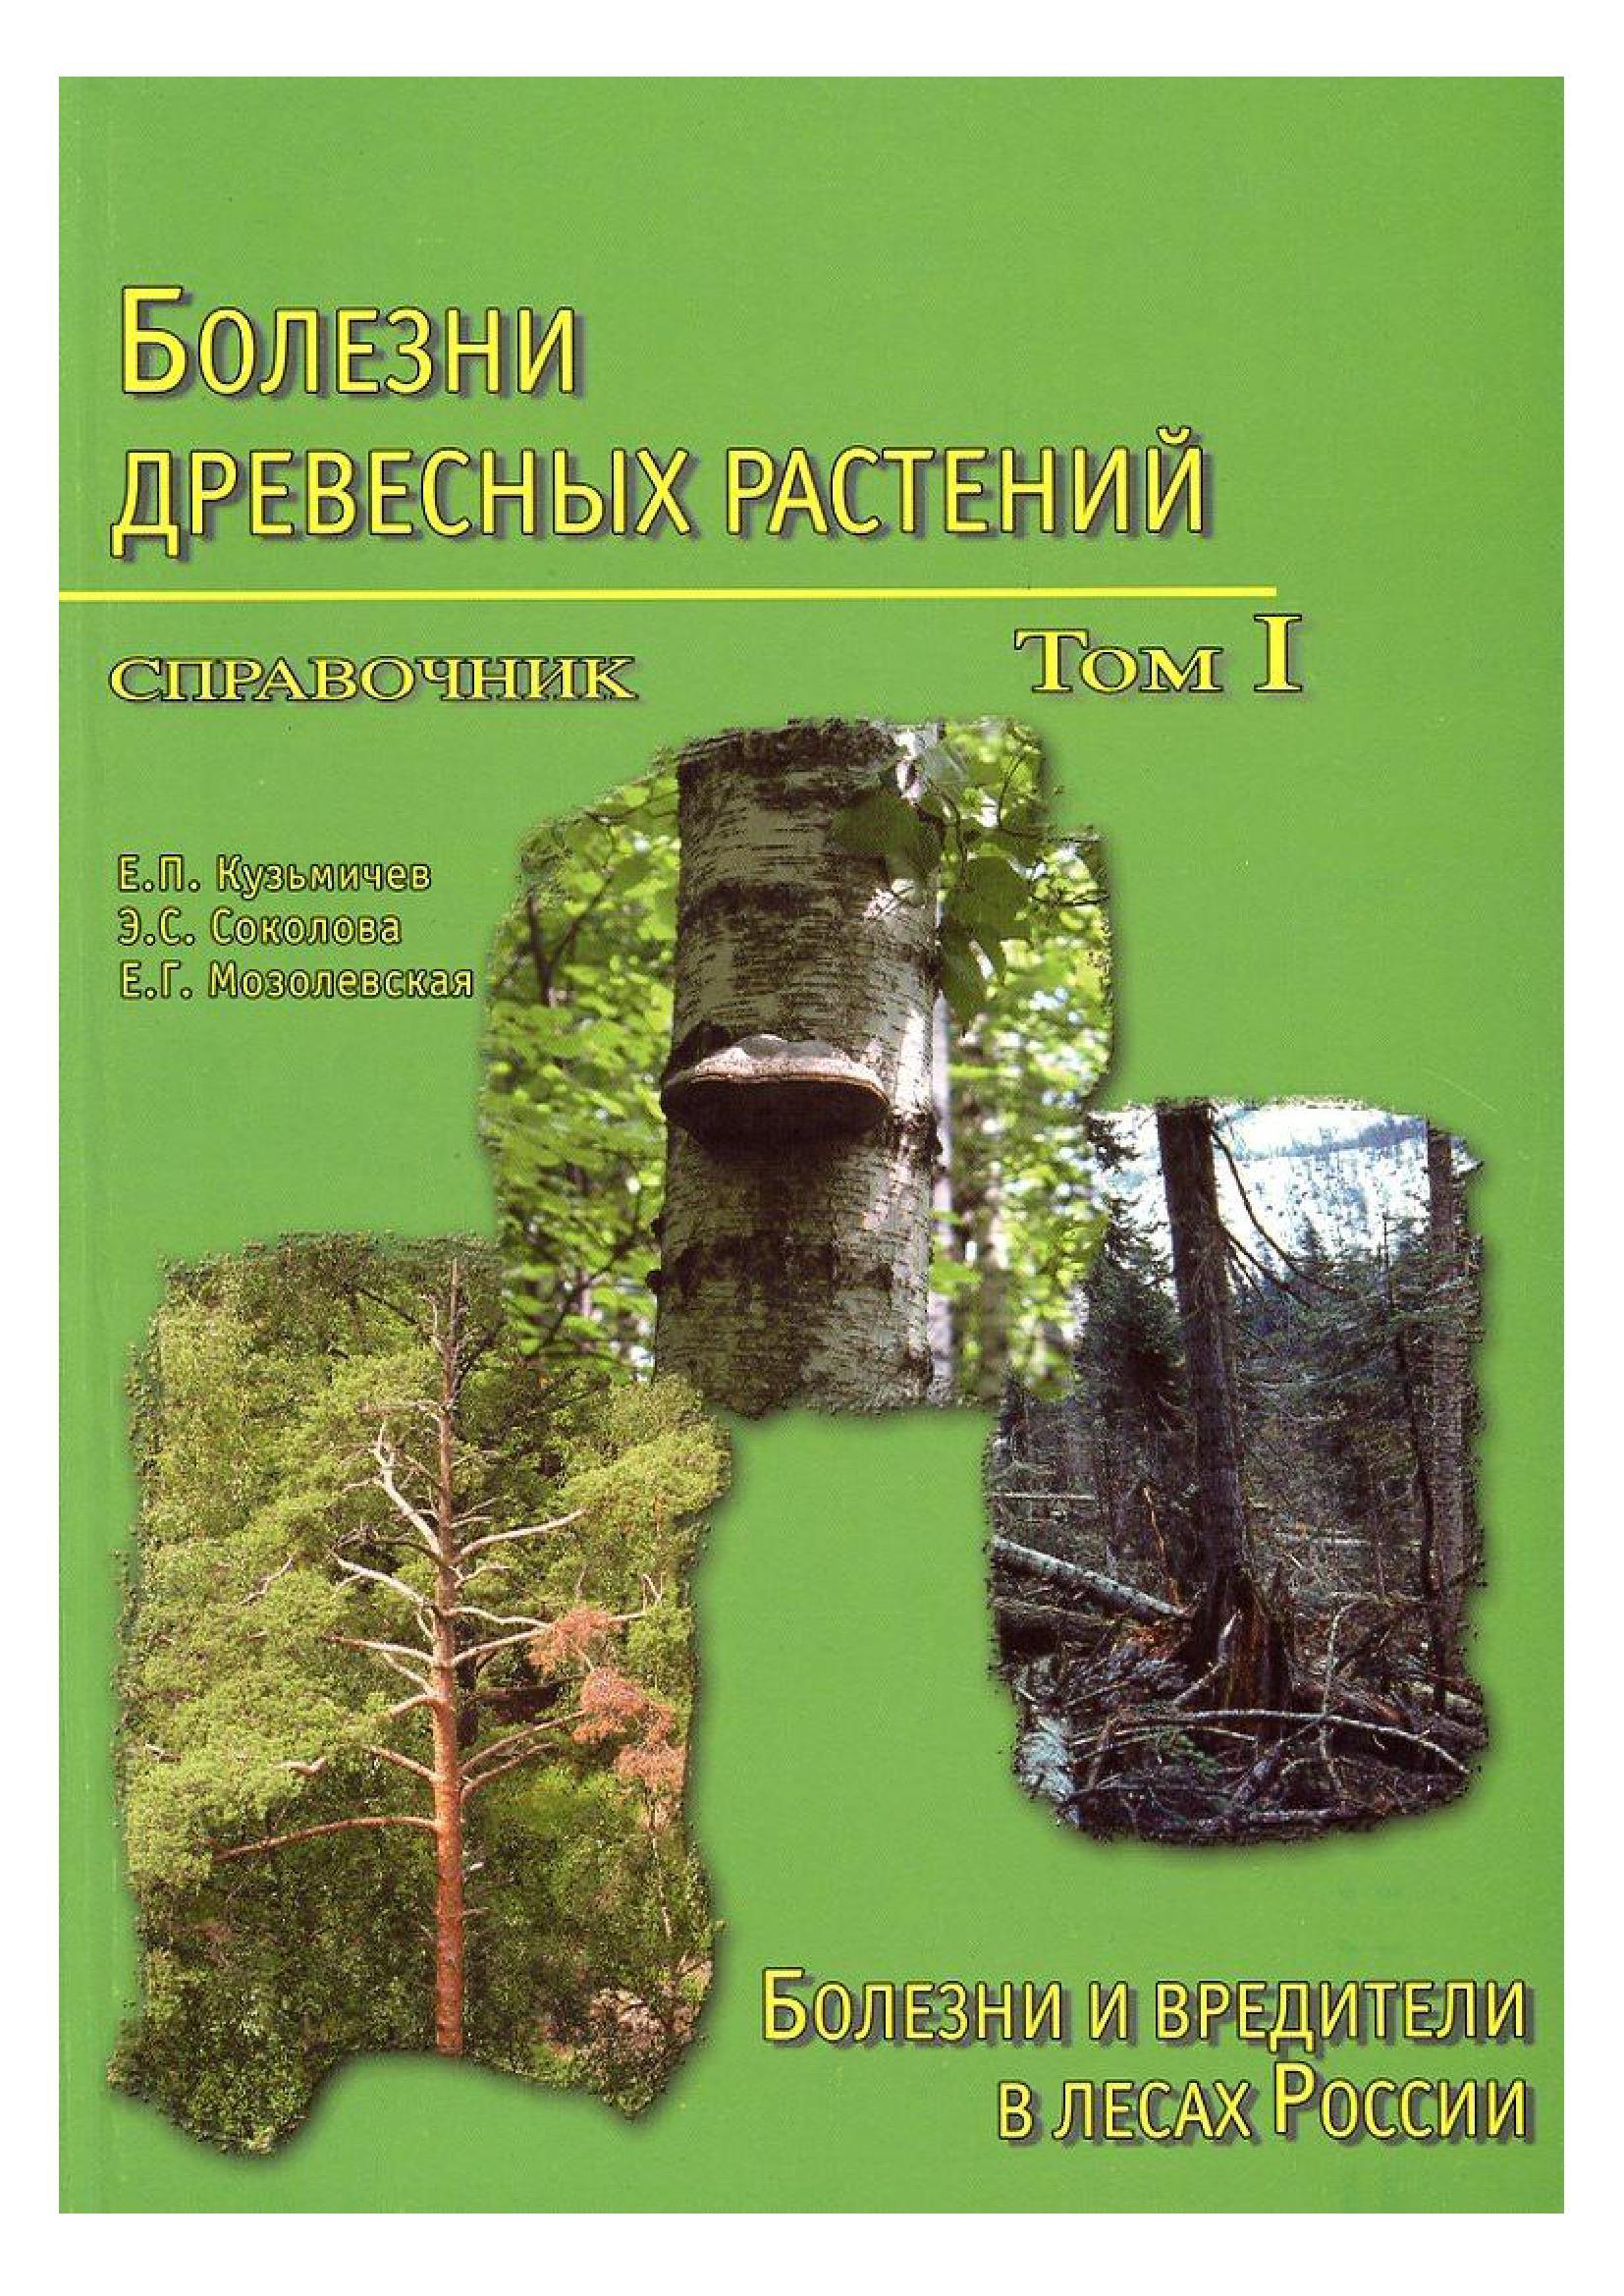 Болезни_древесных_растений_001.jpg